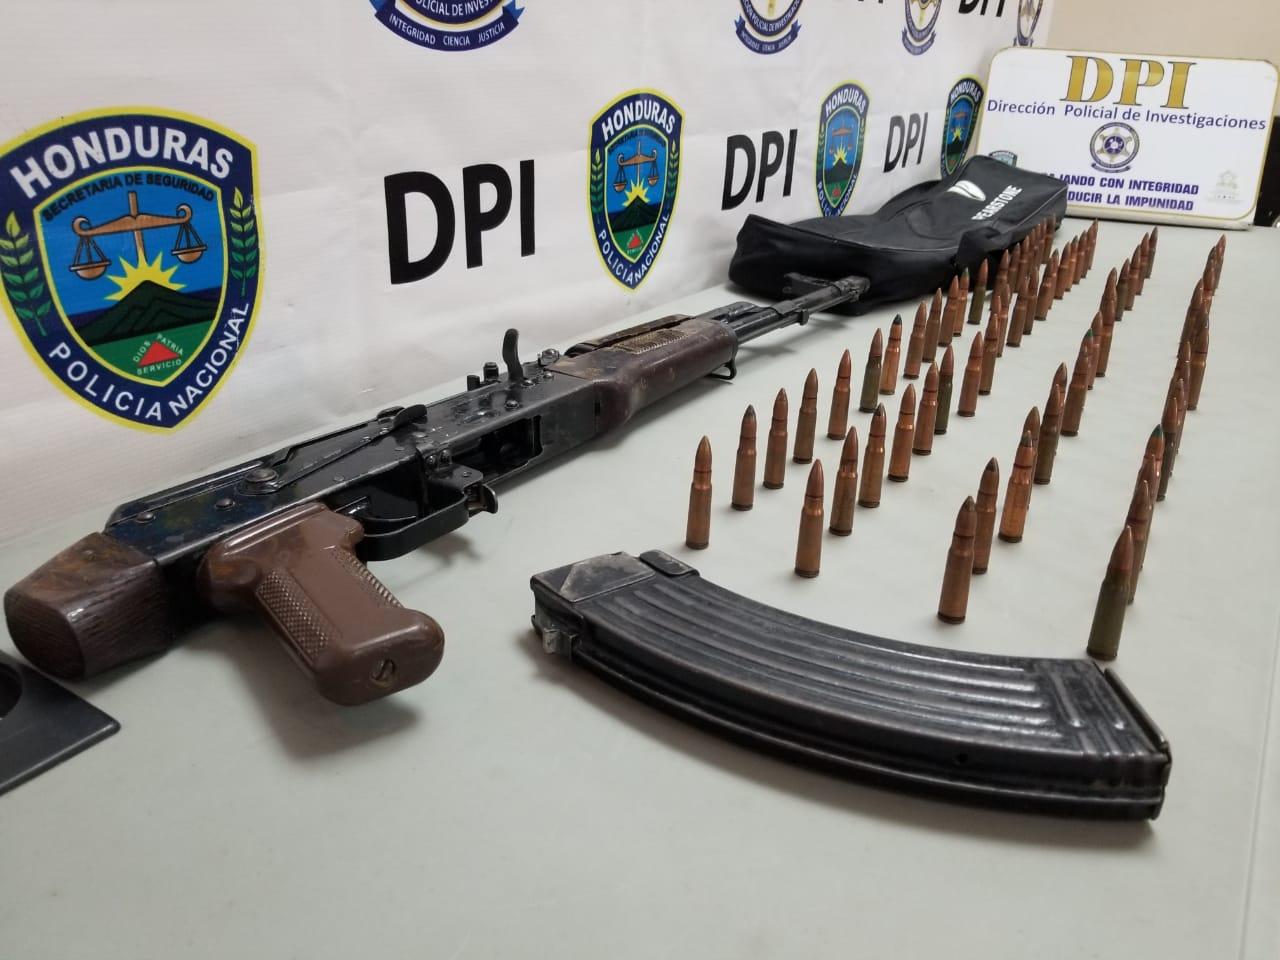 Con AK-47 detienen en Amarateca a 2 miembros de un grupo dedicado a la apropiación de tierras